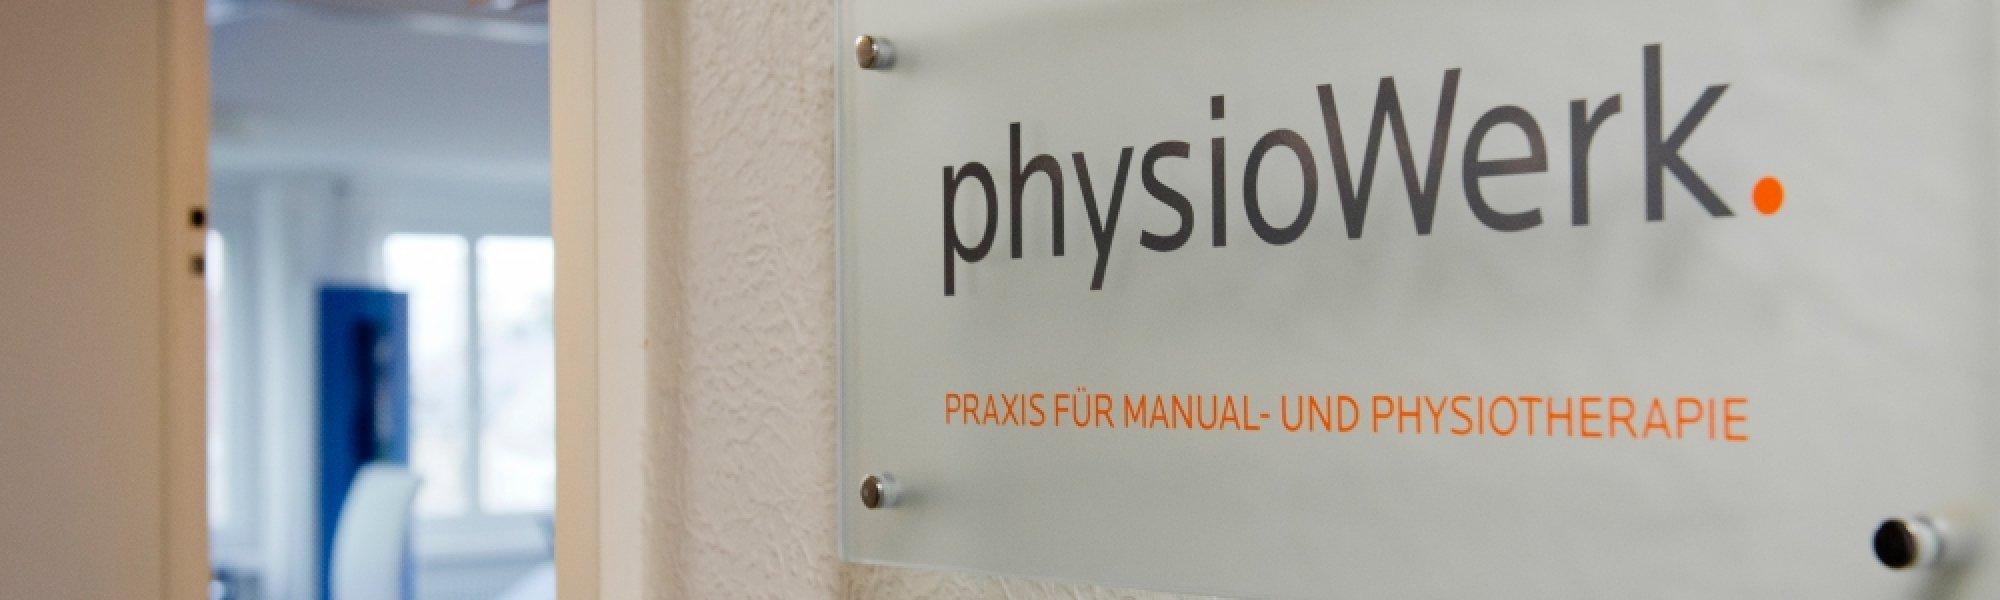 2000600254-physiotherapie-physiowerk-klein-eingang-mit-blick-hinein.jpg